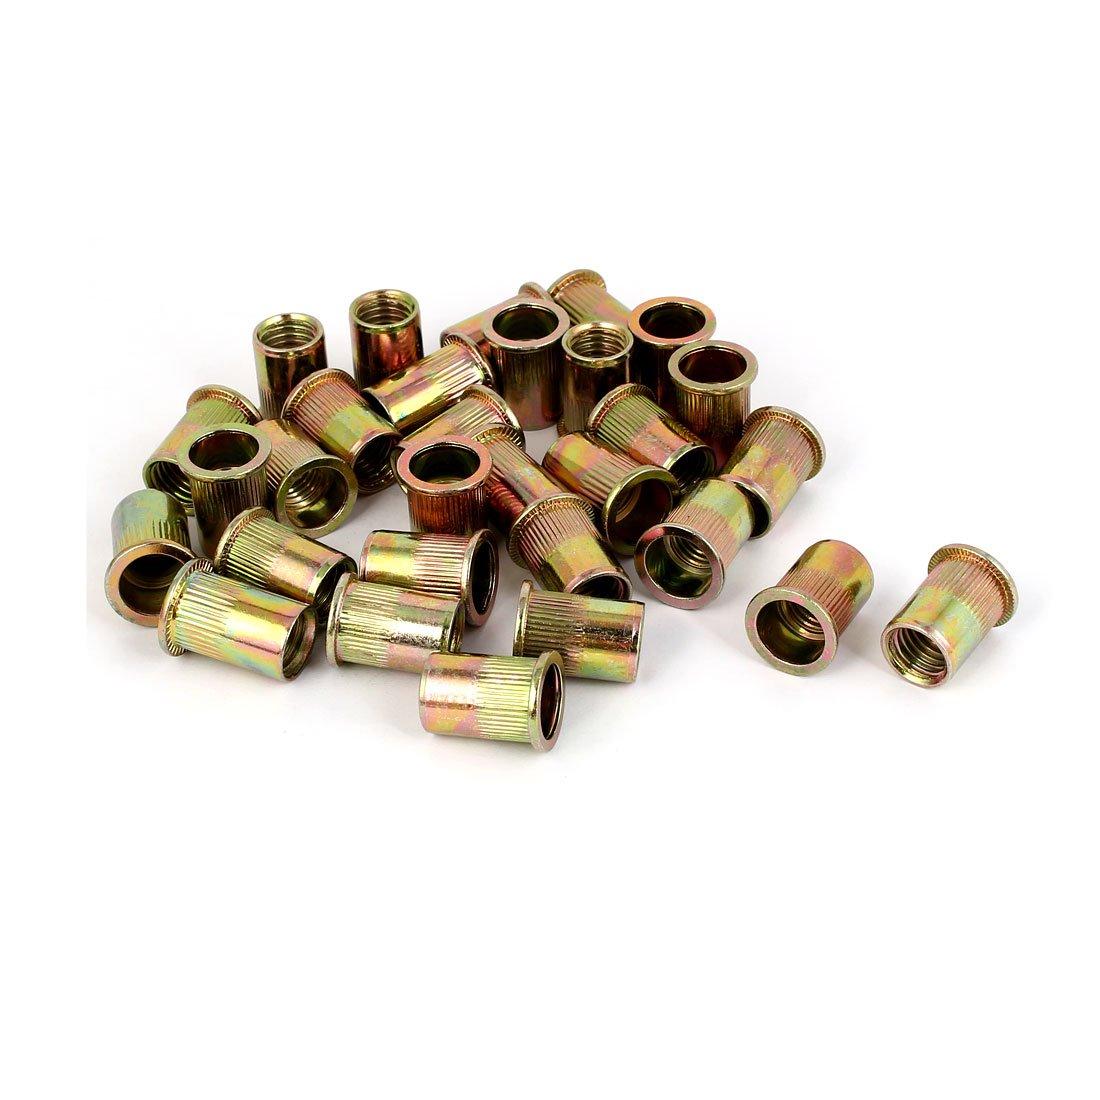 uxcell 12mmx22mm Knurled Rivet Nut Insert Nutsert Bronze Tone 30pcs